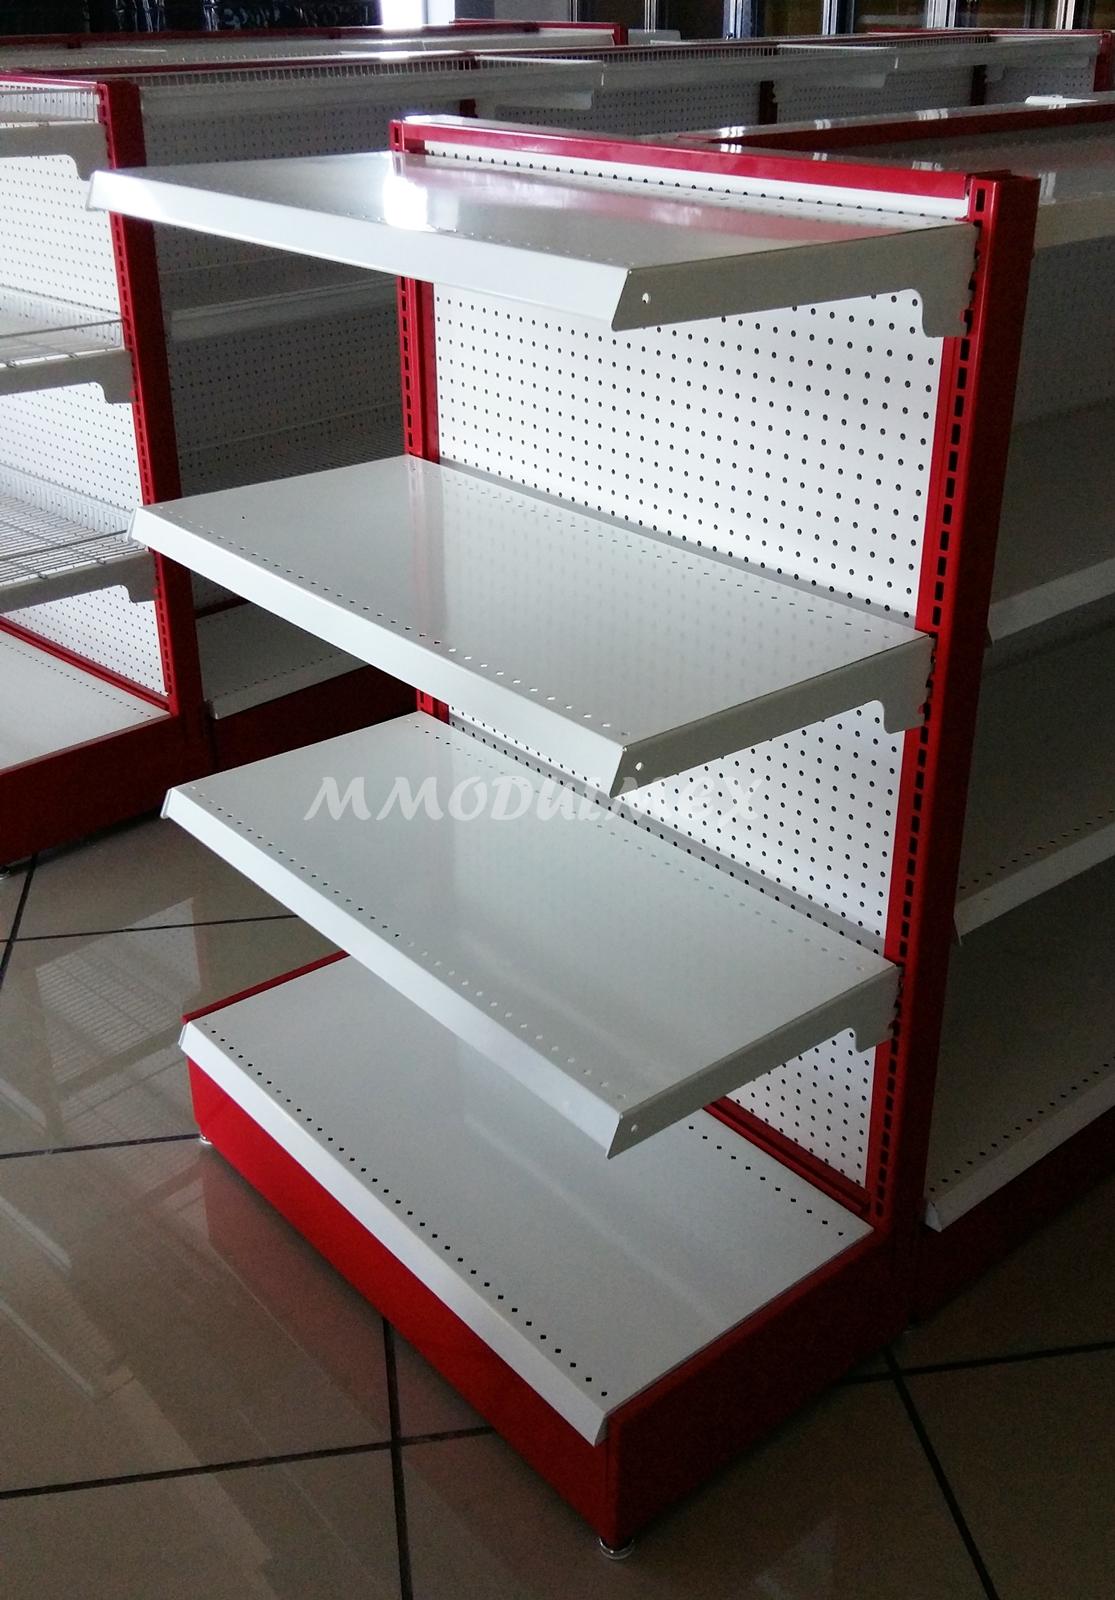 Estantes estanteria anaqueles repisas entrepa os for Muebles para supermercado